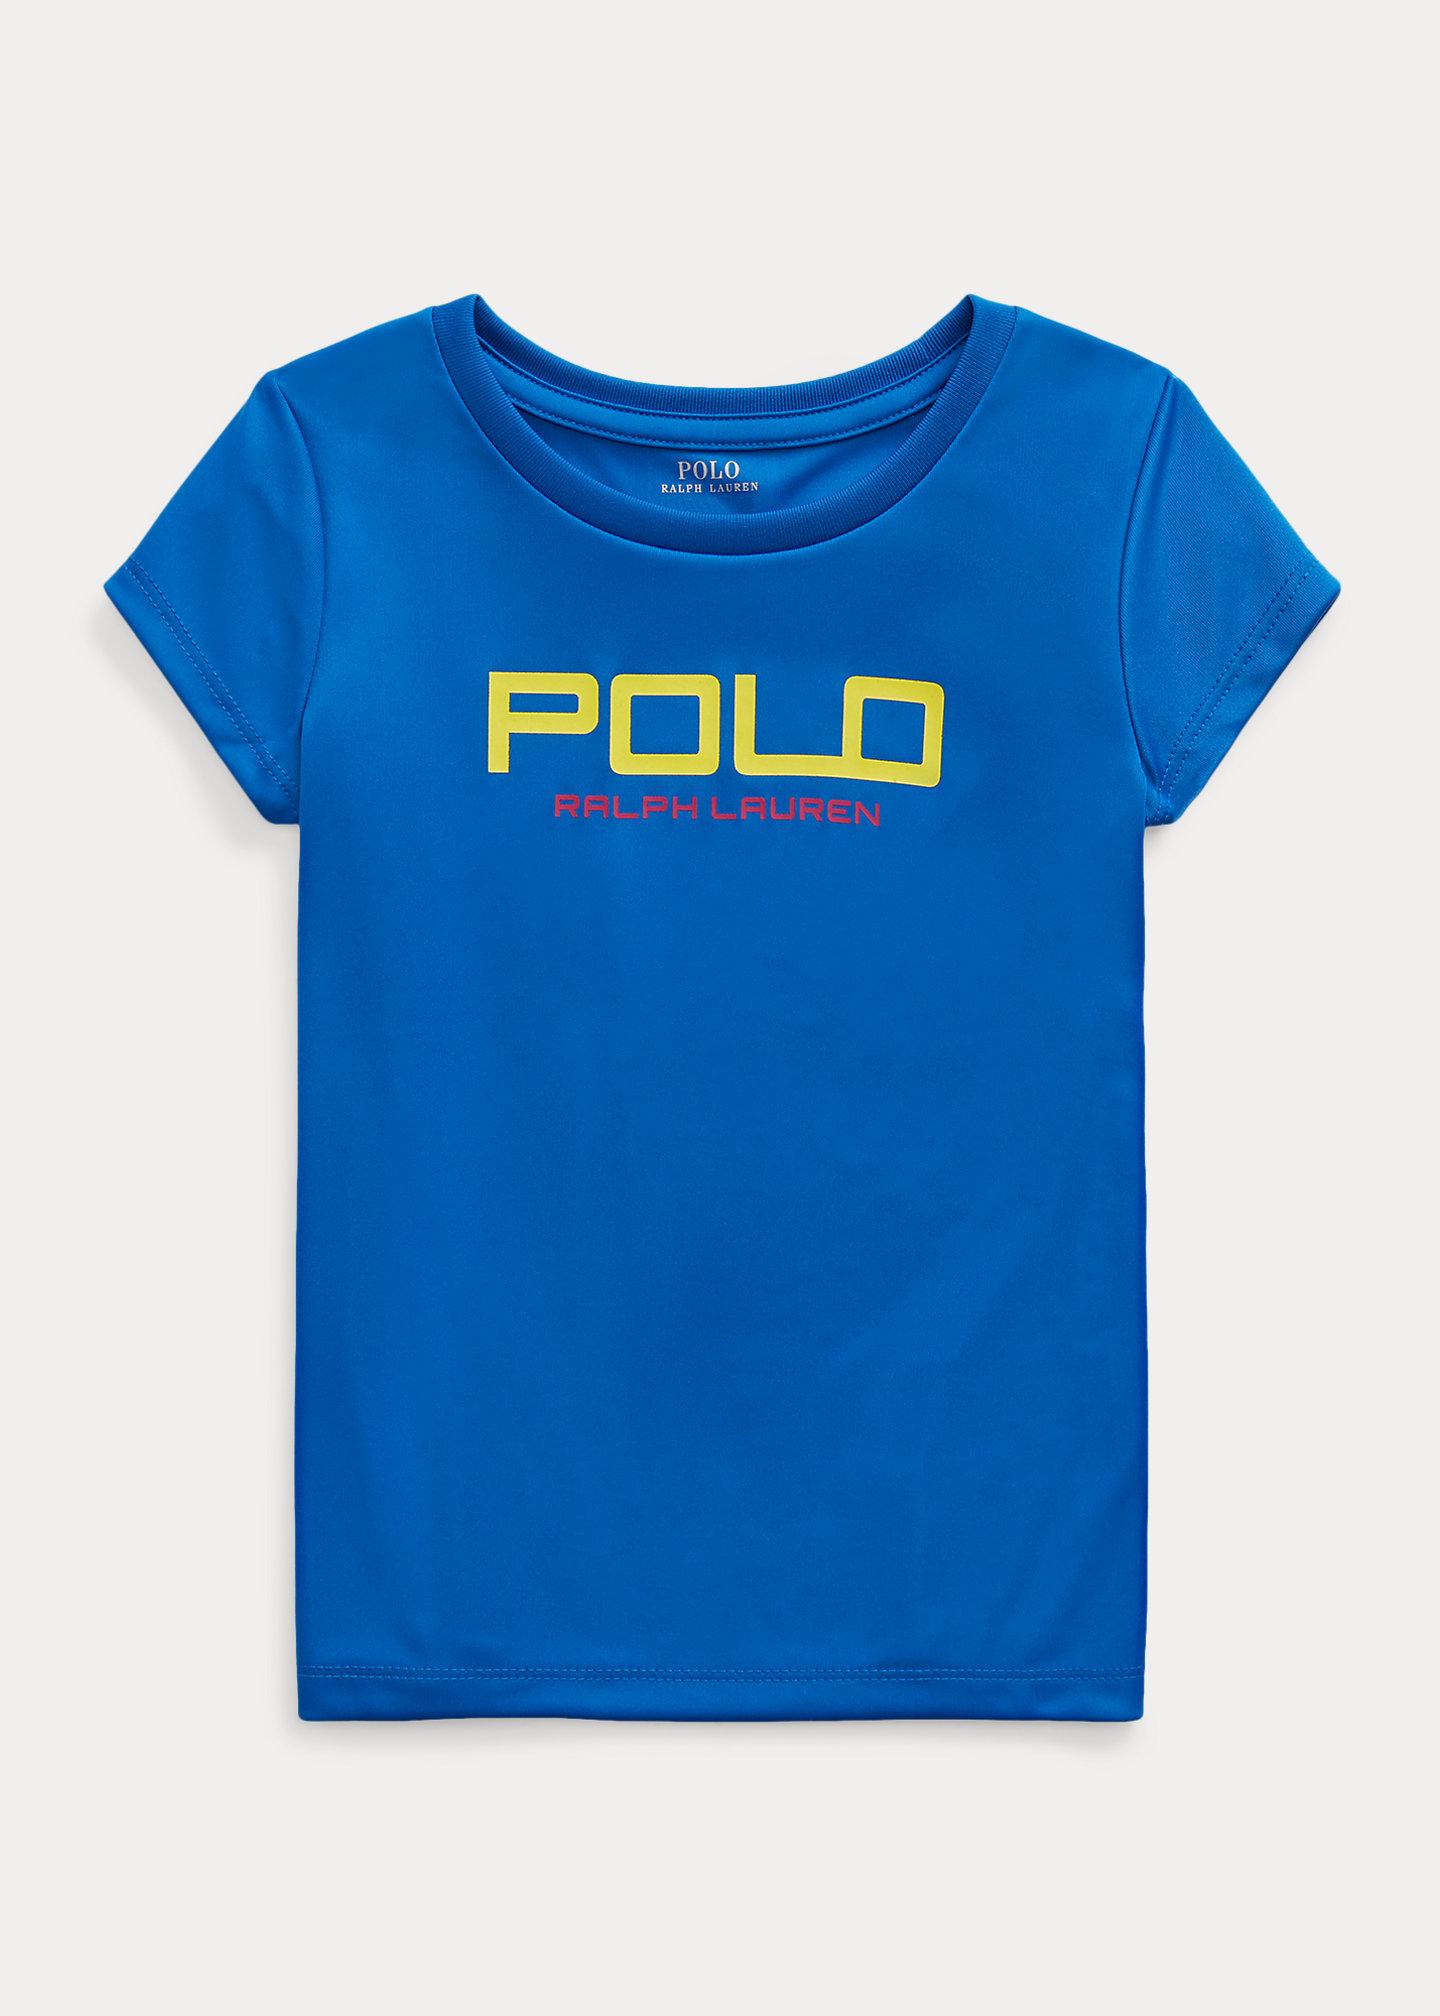 Polo Ralph Lauren Interlock Graphic Tee